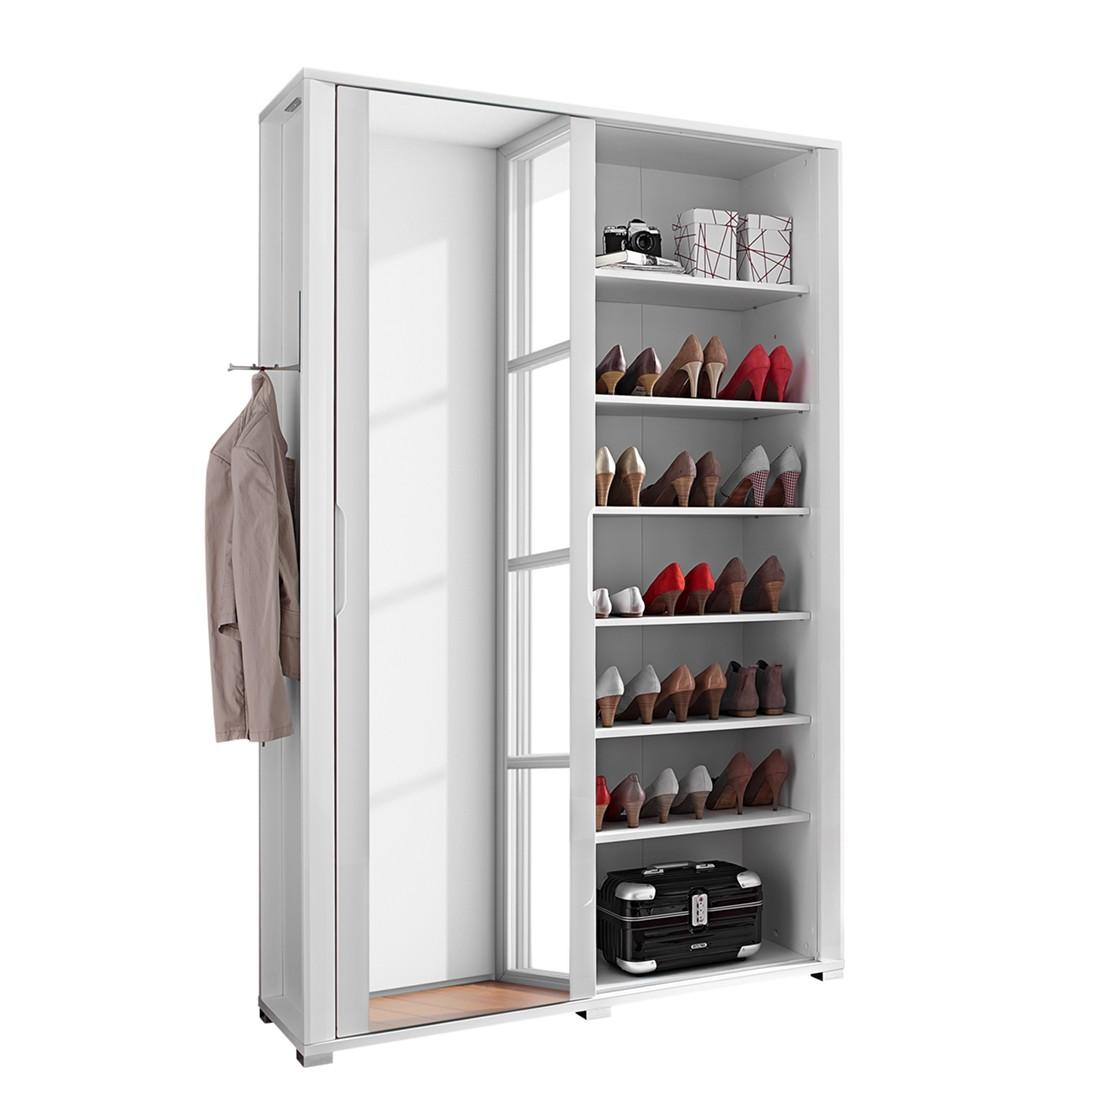 modoform sonstige kompakt garderobe silkeborg hochglanz wei modoform. Black Bedroom Furniture Sets. Home Design Ideas